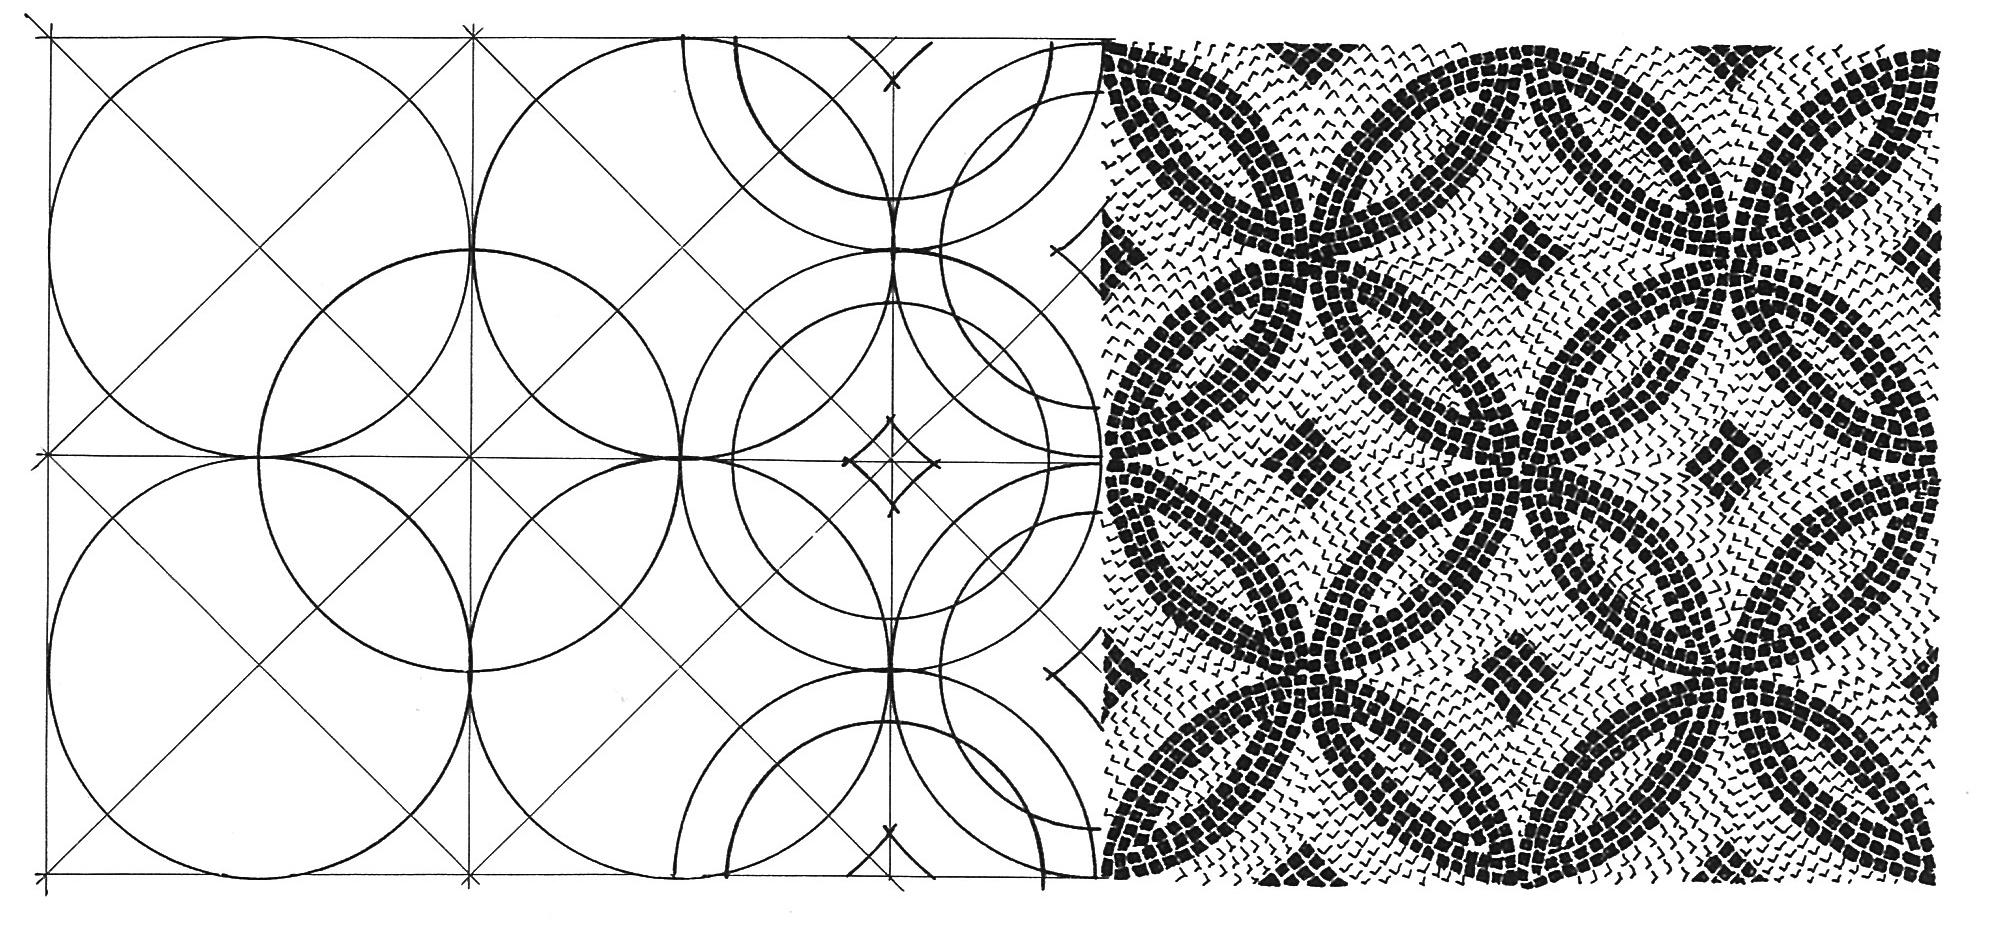 Disegni Geometrici Semplici Da Colorare Migliori Pagine Da Colorare